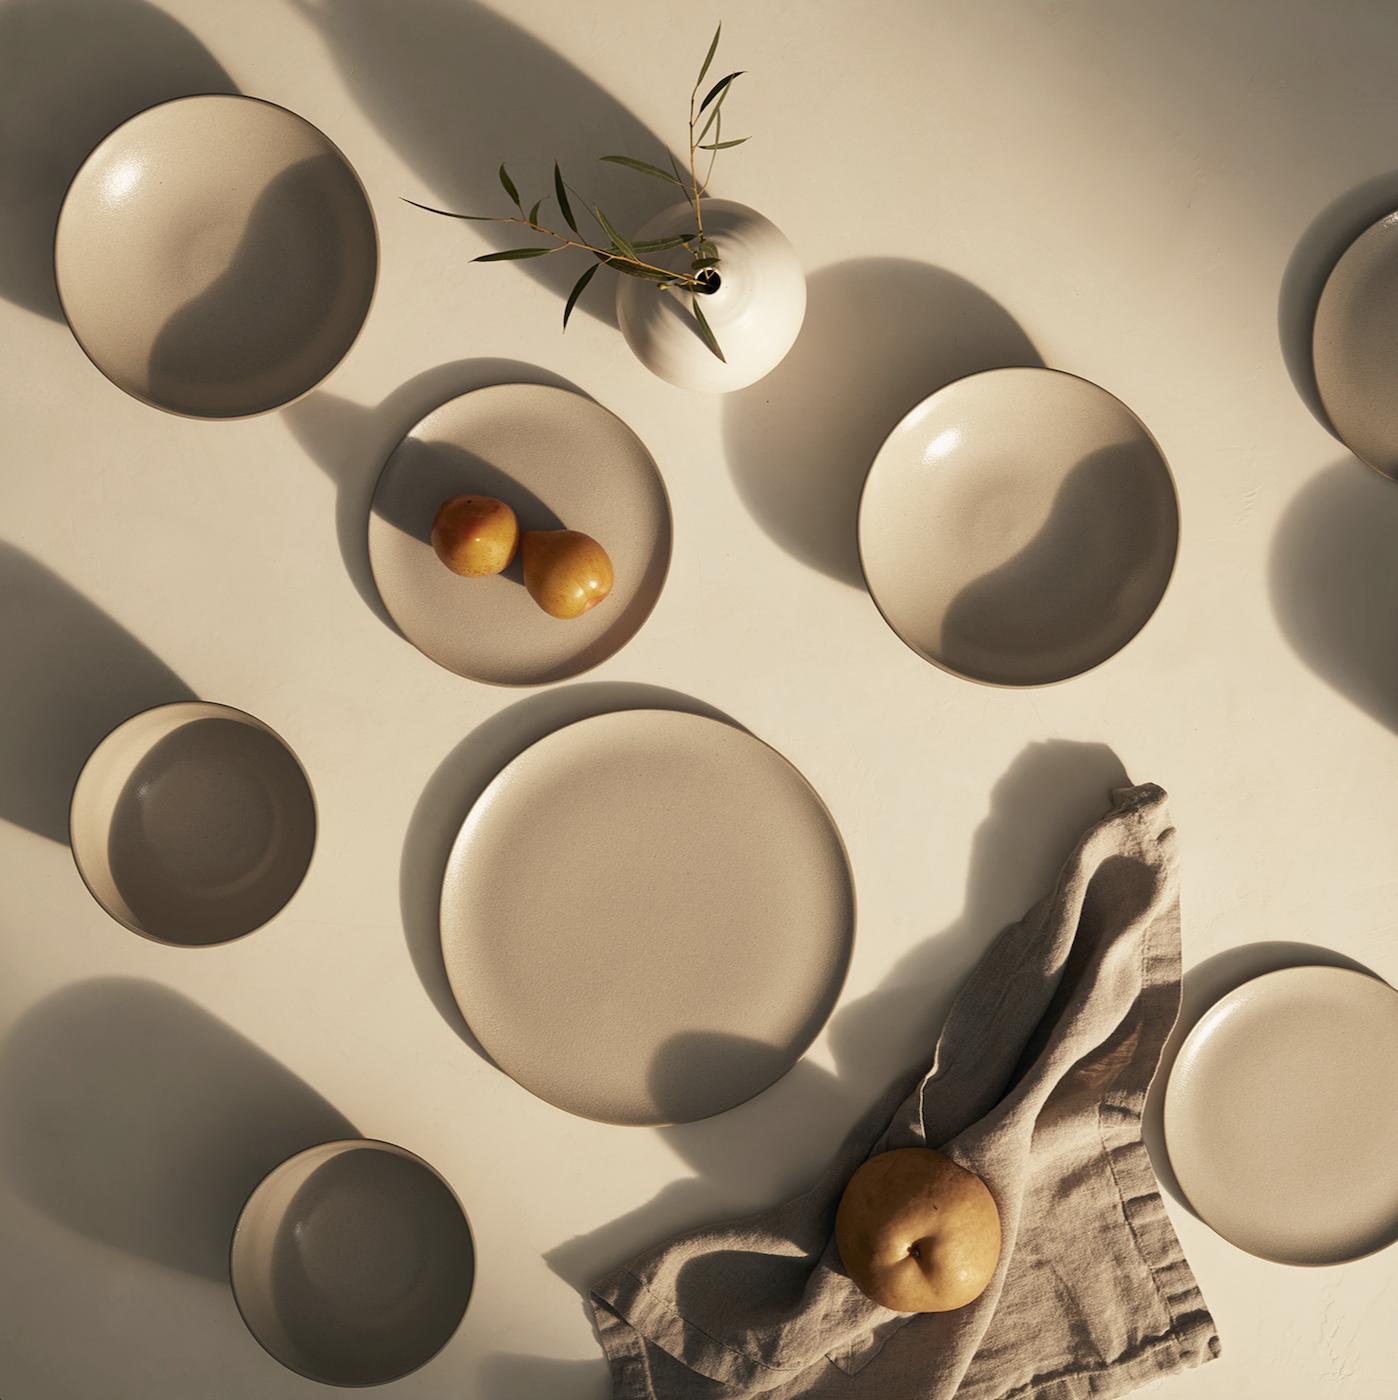 The Ceramics